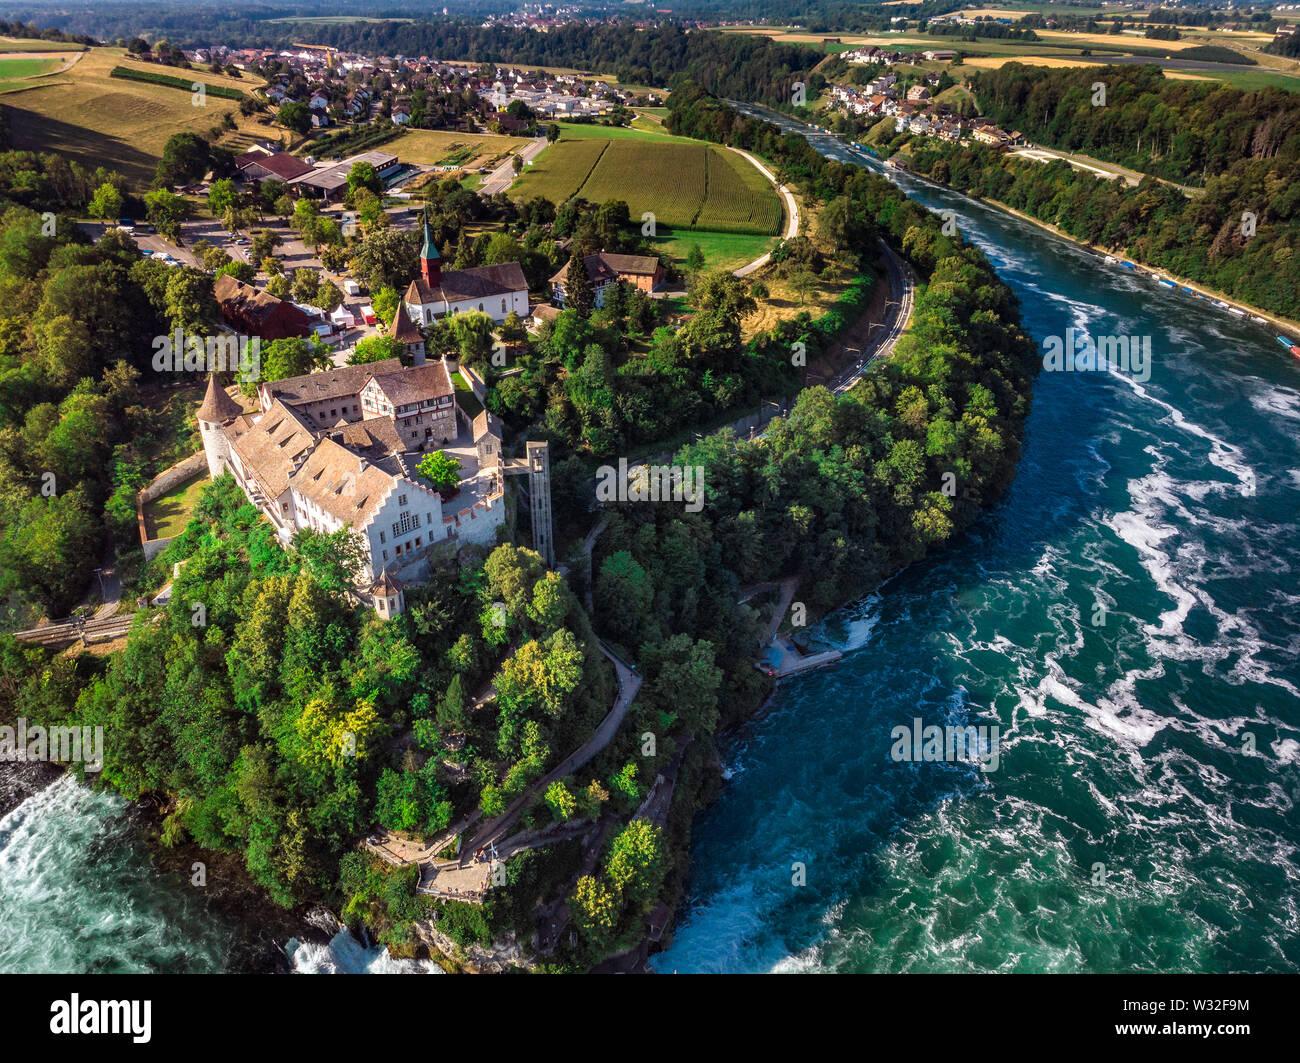 Rhine Falls (Rheinfall) waterfalls with Schloss Laufen castle, Neuhausen near Schaffhausen, Canton Schaffhausen, Switzerland, Europe - Stock Image